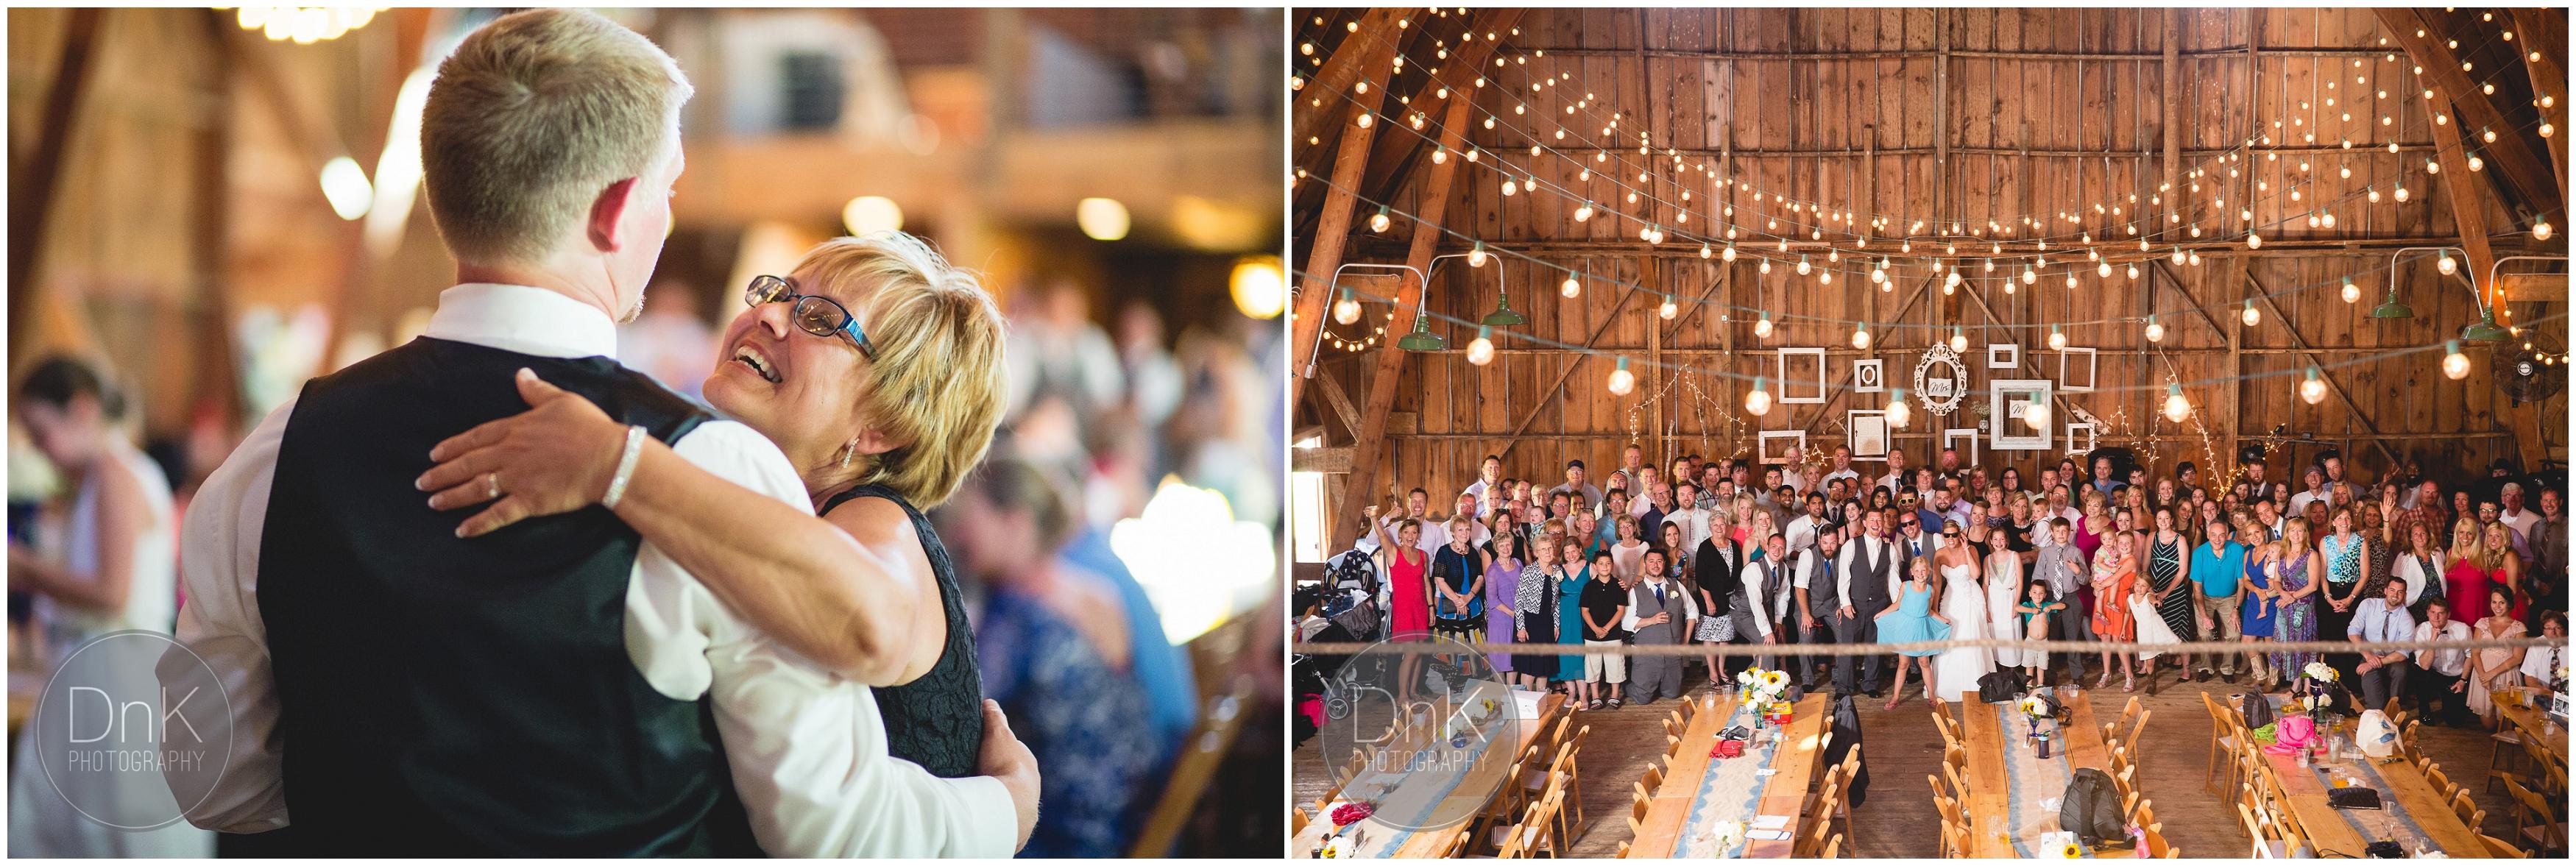 36- Dellwood Barn Wedding Reception